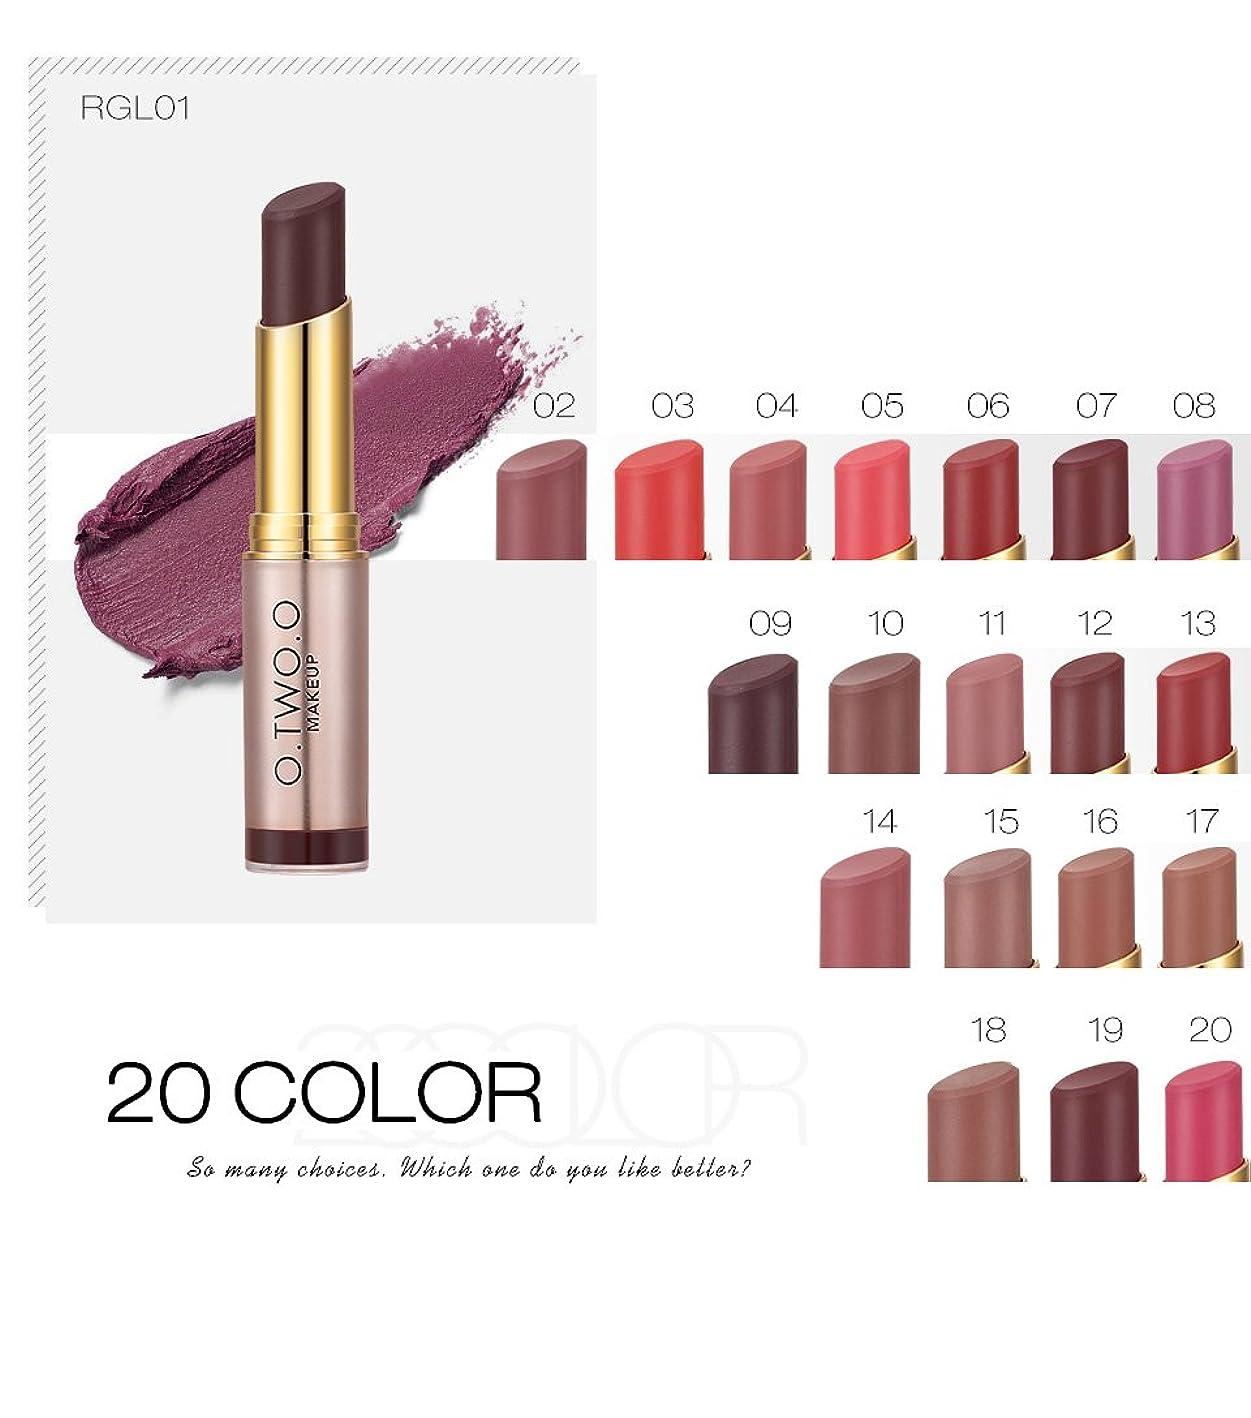 独裁者ダムパイロット(RGL09) Brand Wholesale Beauty Makeup Lipstick Popular Colors Best Seller Long Lasting Lip Kit Matte Lip Cosmetics